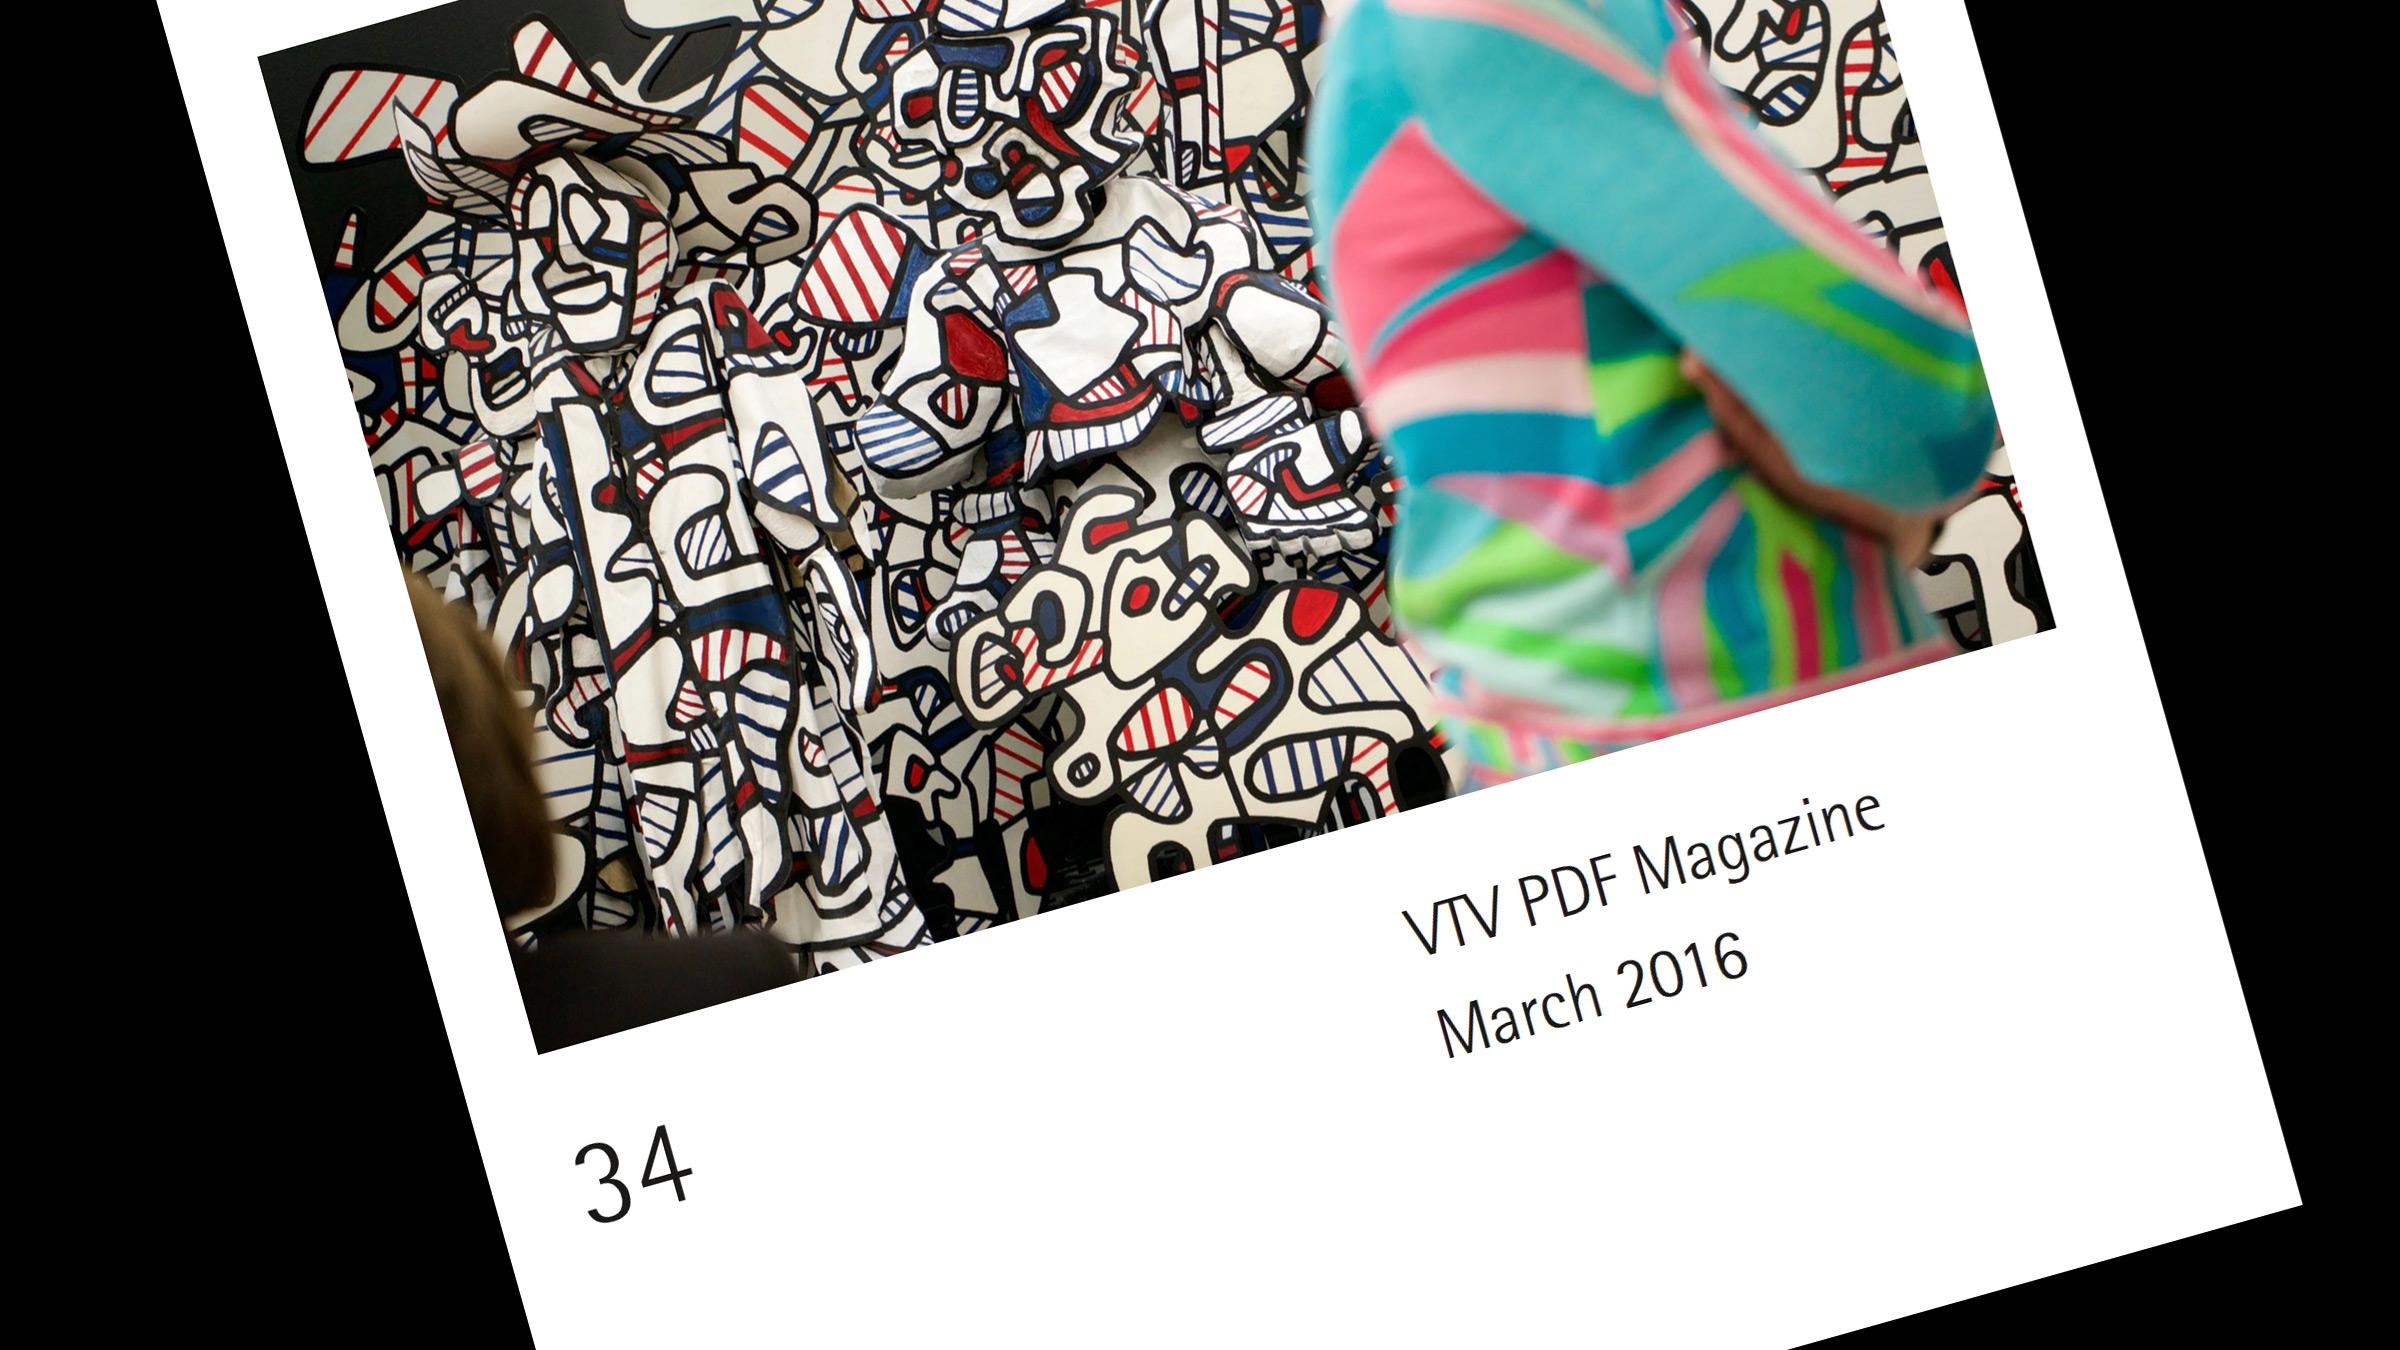 VTV PDF Magazine 34